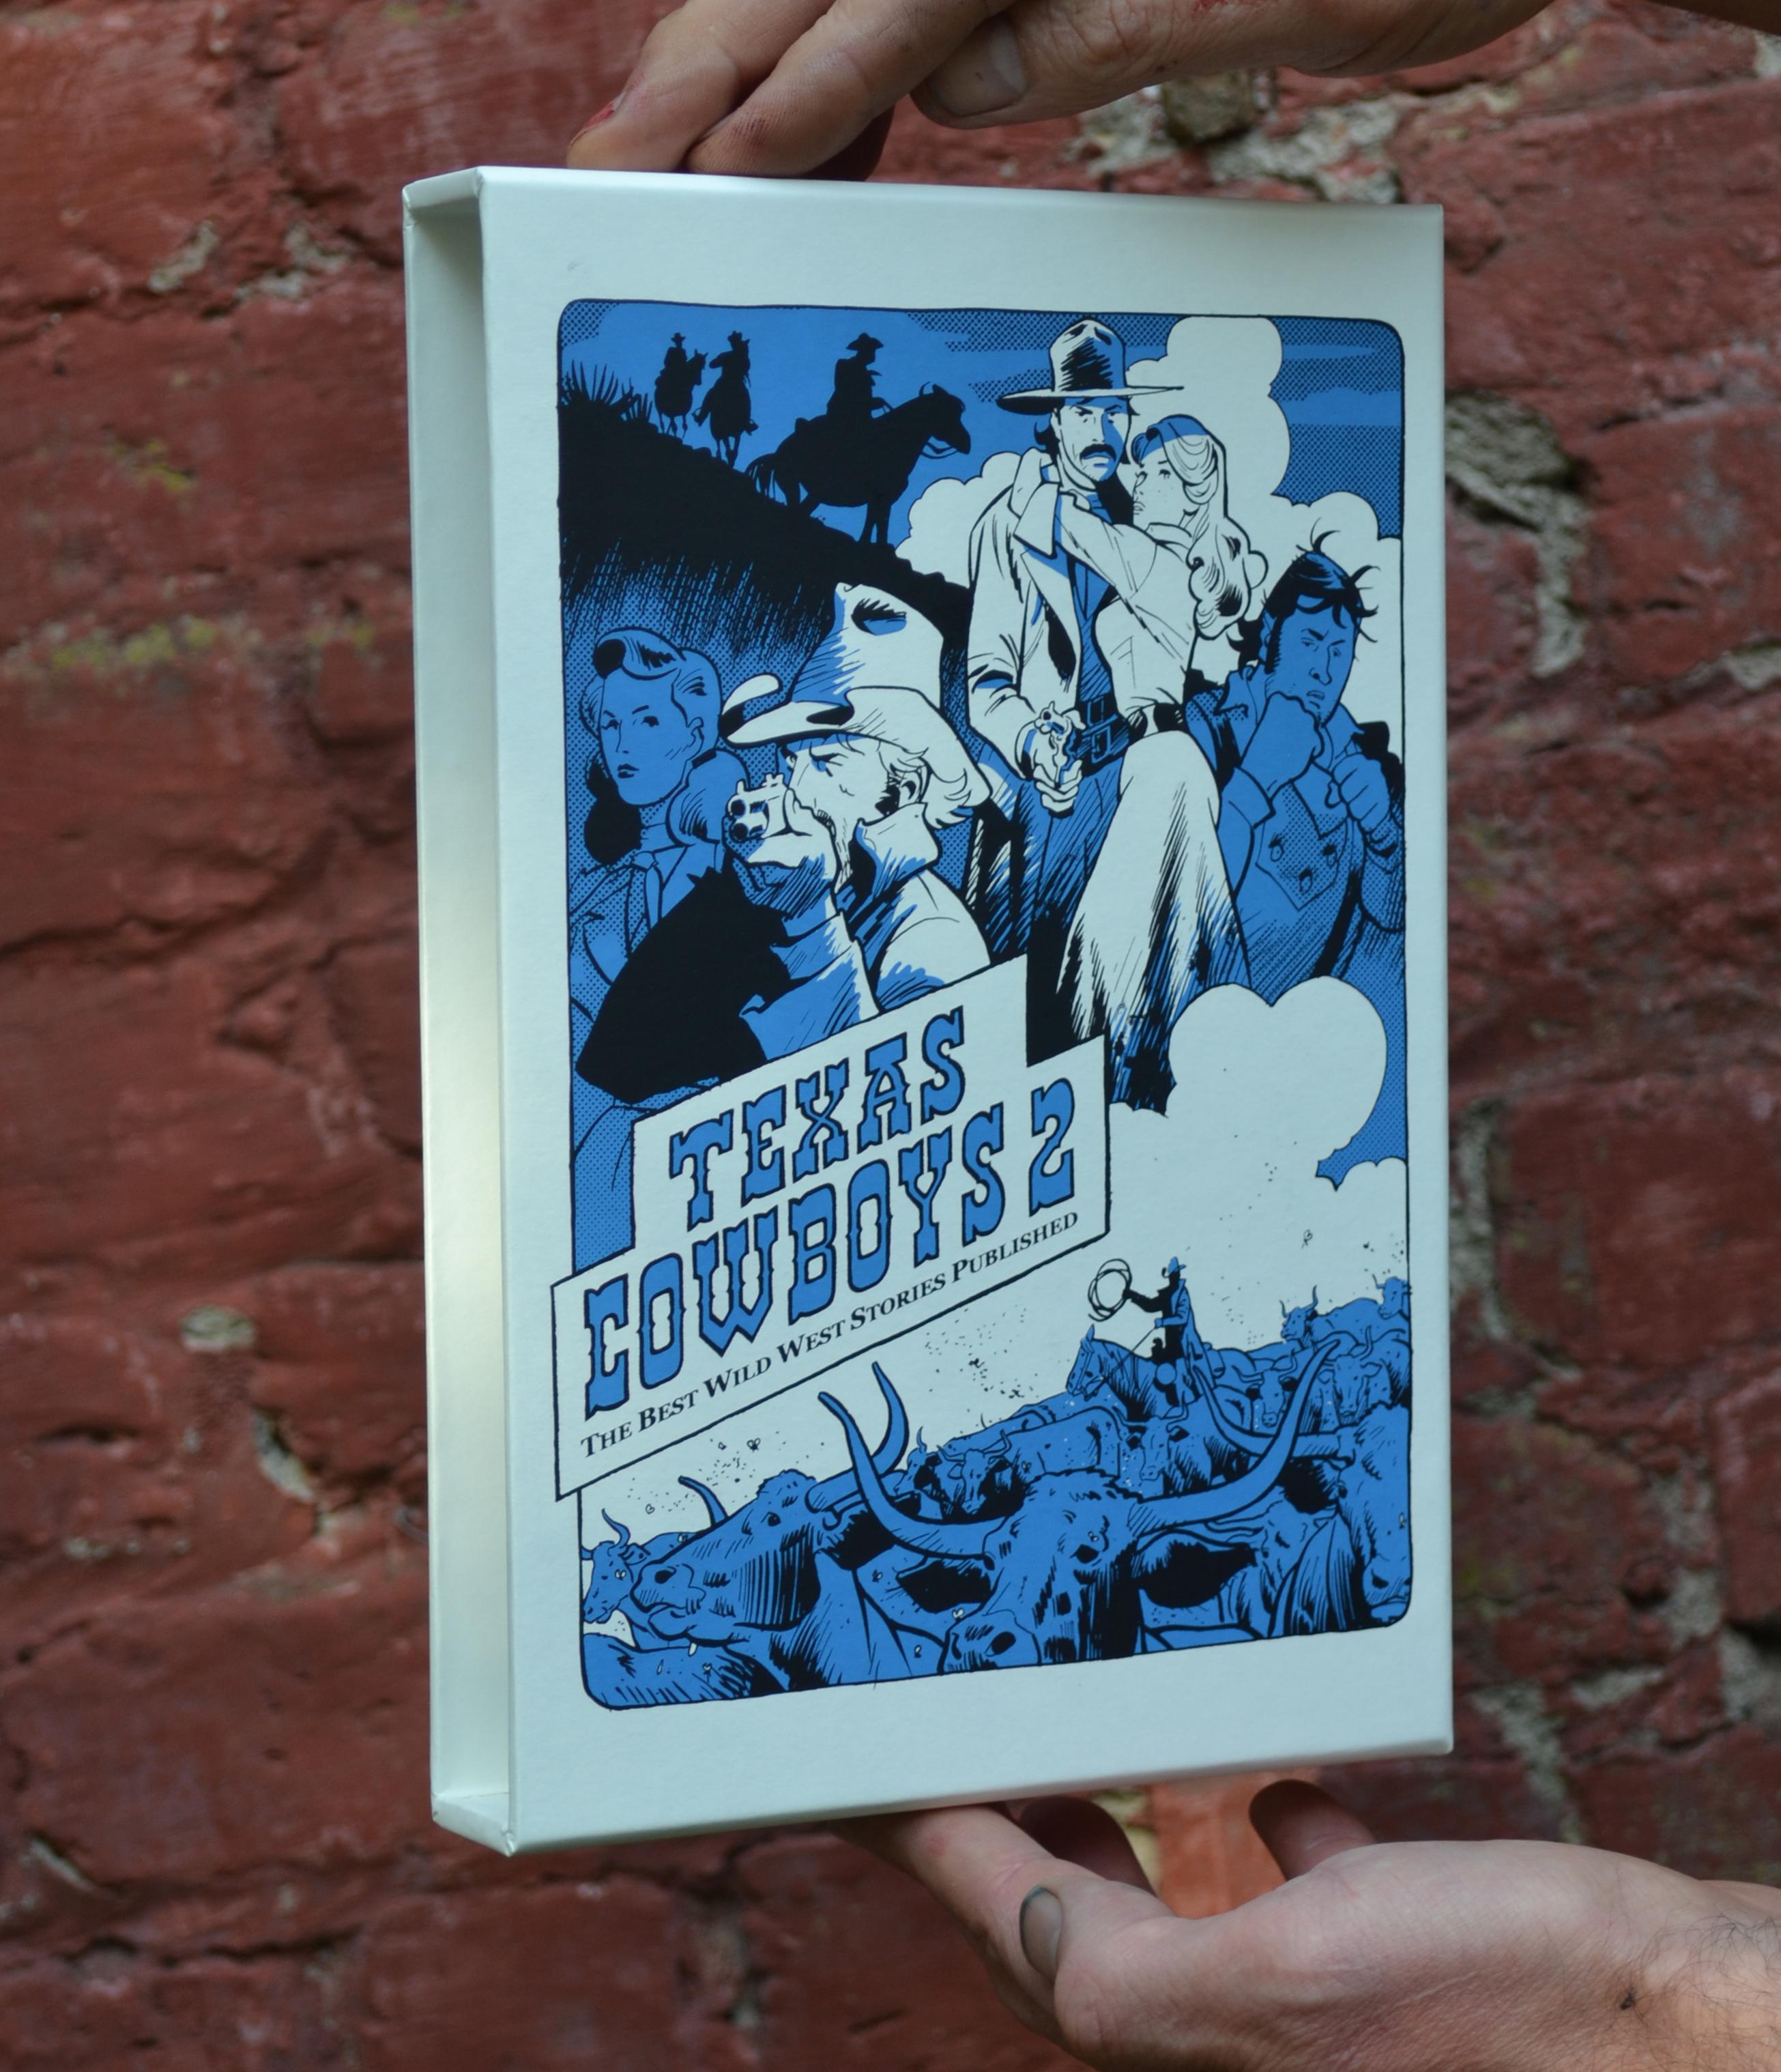 Texas CowBoys 2 l M. Bonhomme